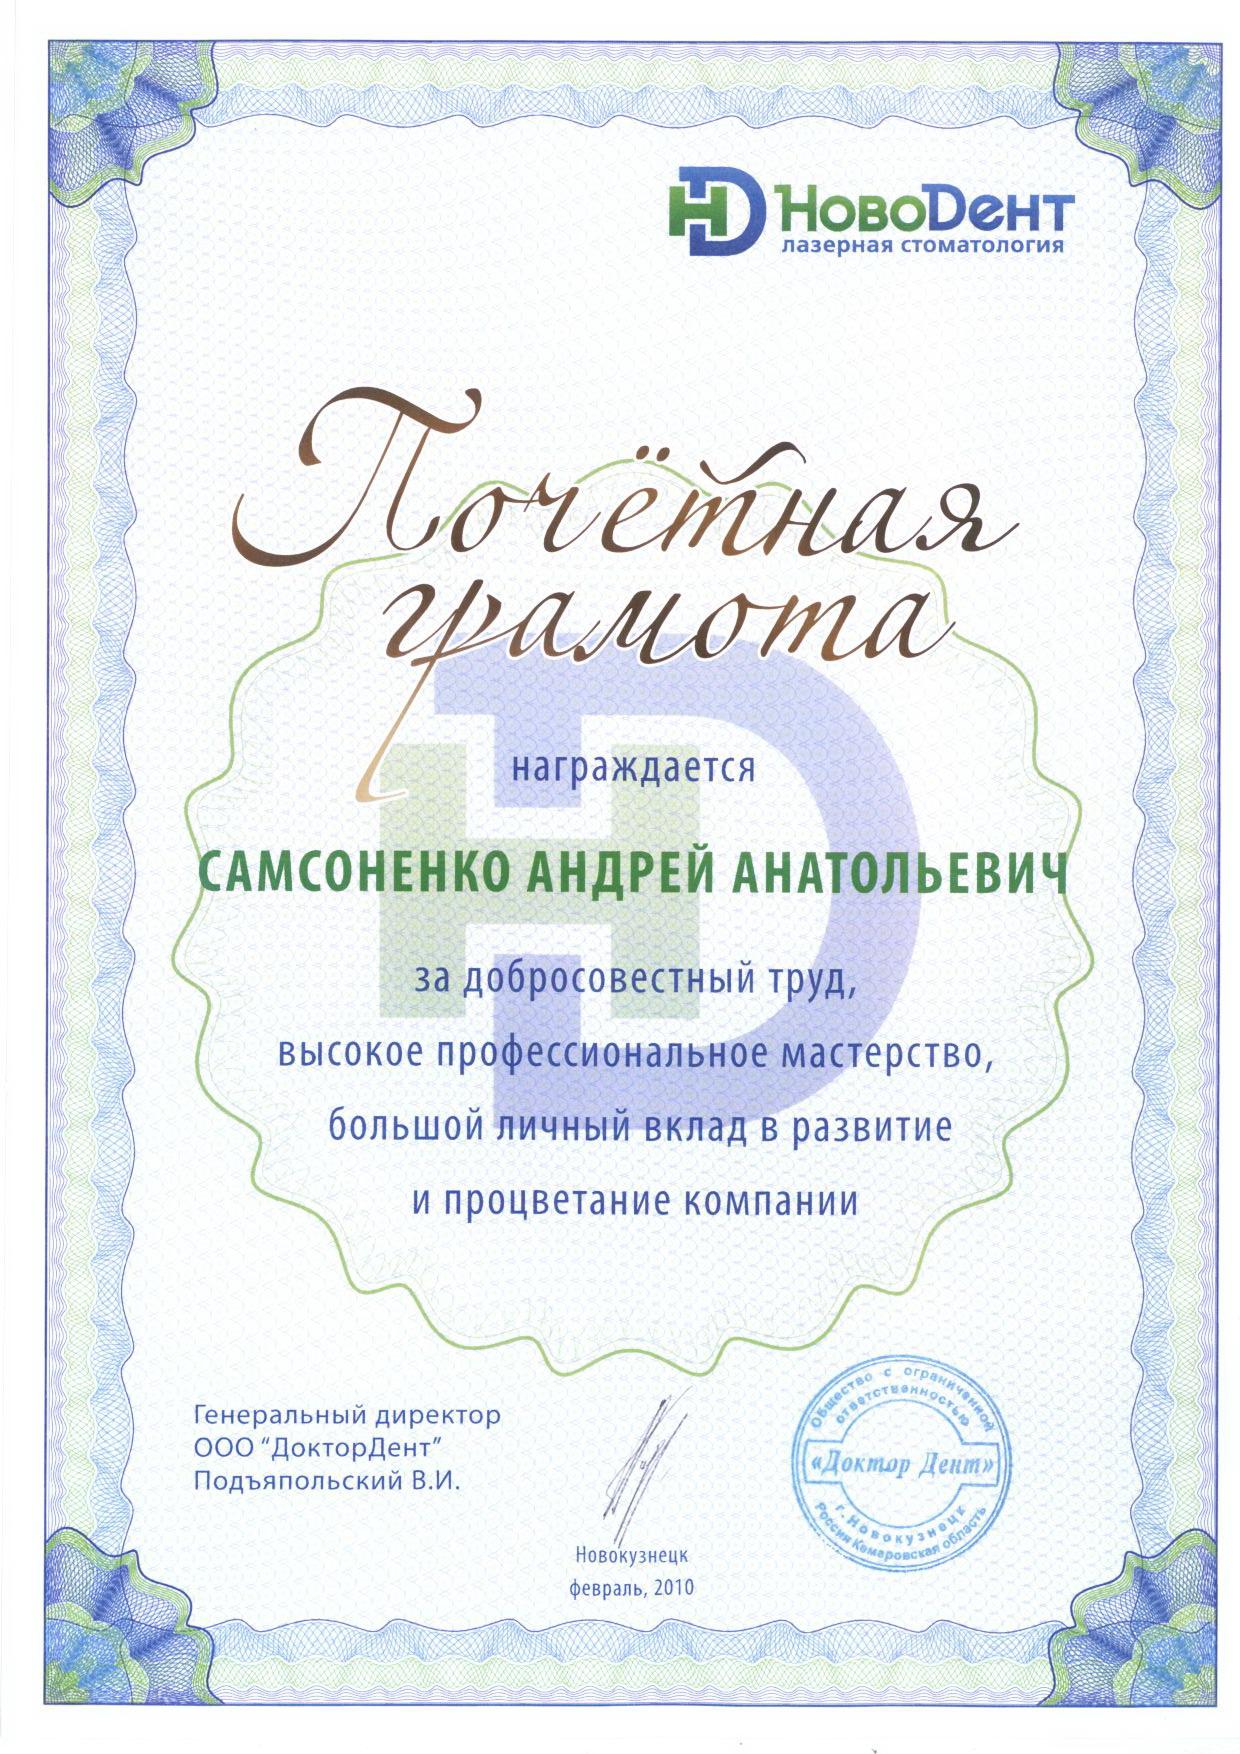 Купить проведенный диплом за avia interclub spb ru можно сказать если вы решили купить диплом о купить проведенный диплом за высшем образовании в Кривом Роге лишь государственная служба диплом о высшем